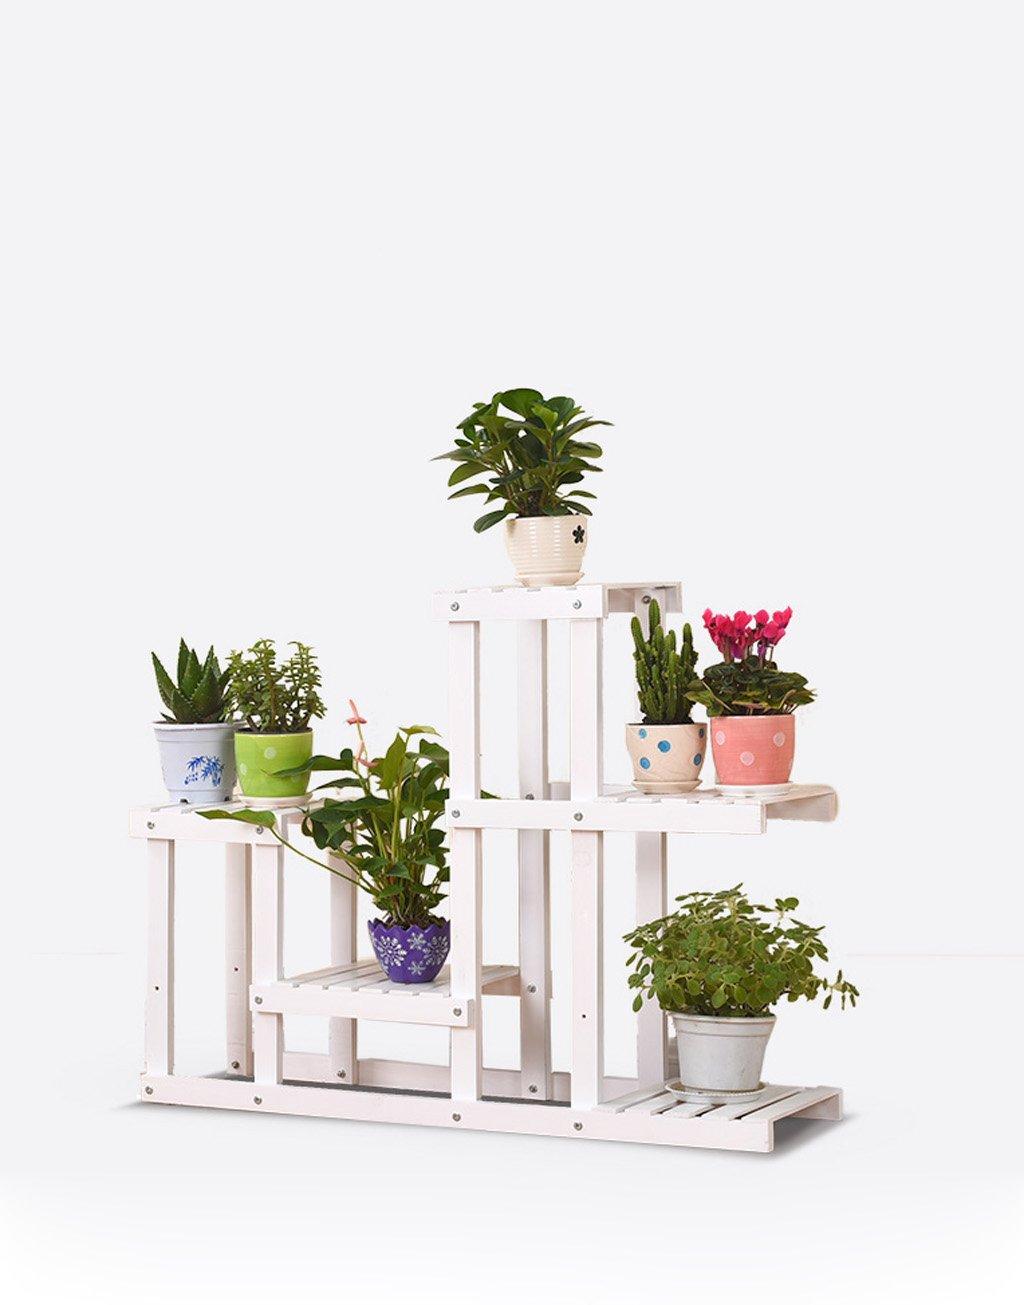 LB Pergolen aus Holz,, Wohnzimmer Balkon Bonsai Blume Montage, Holzboden Blume Mehrschicht Montage Blumentopf Regal ( farbe : B )